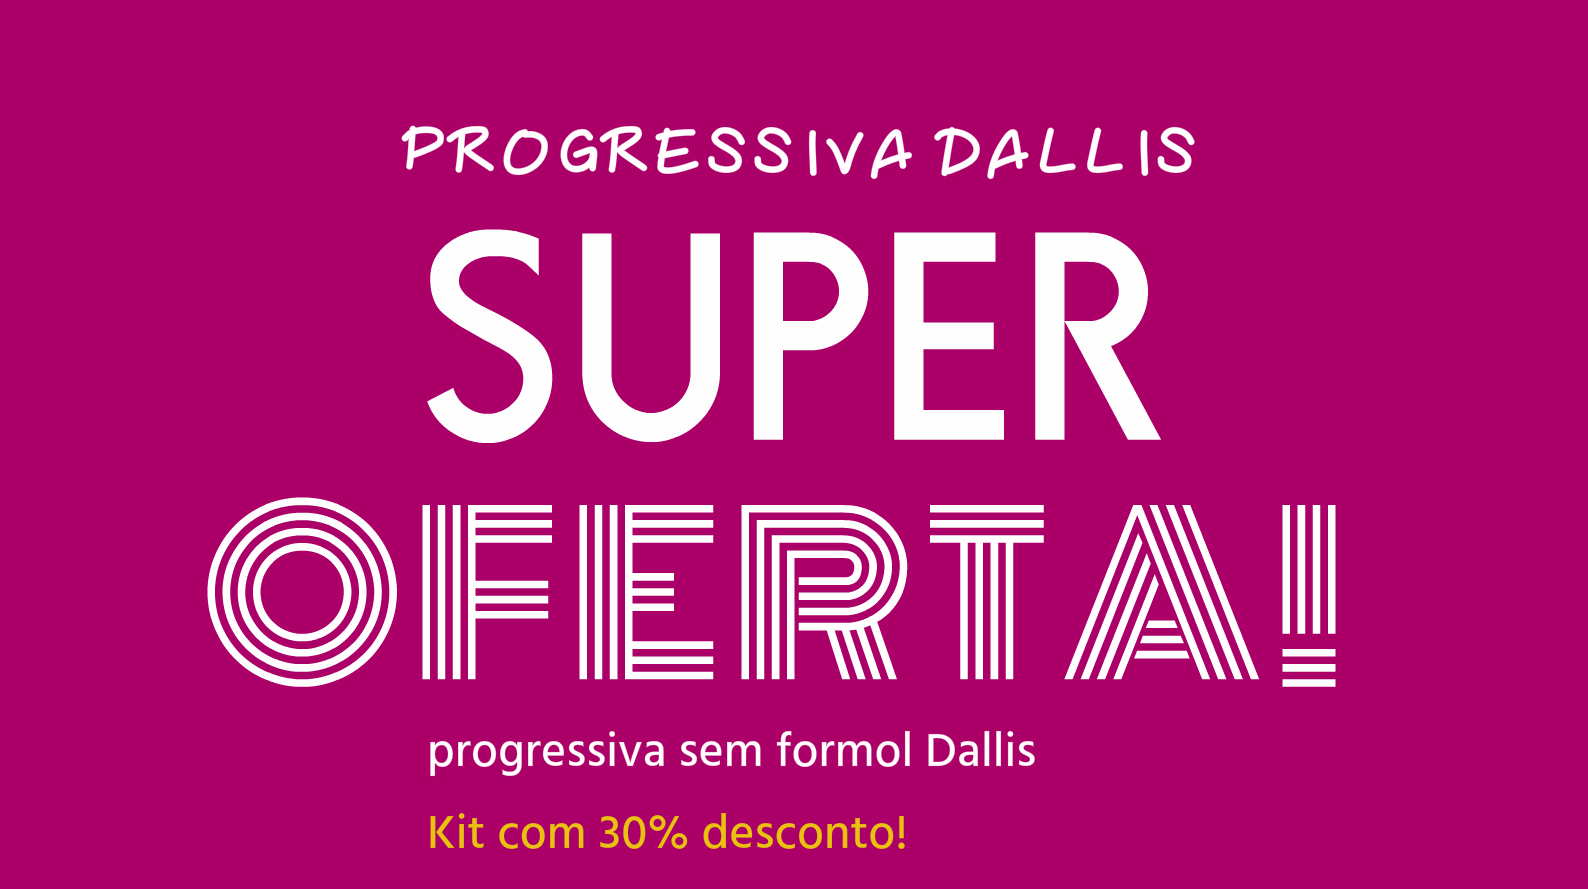 progressiva dallis zero formol oferta - OFERTA DE PROGRESSIVA COM 30% DESCONTO